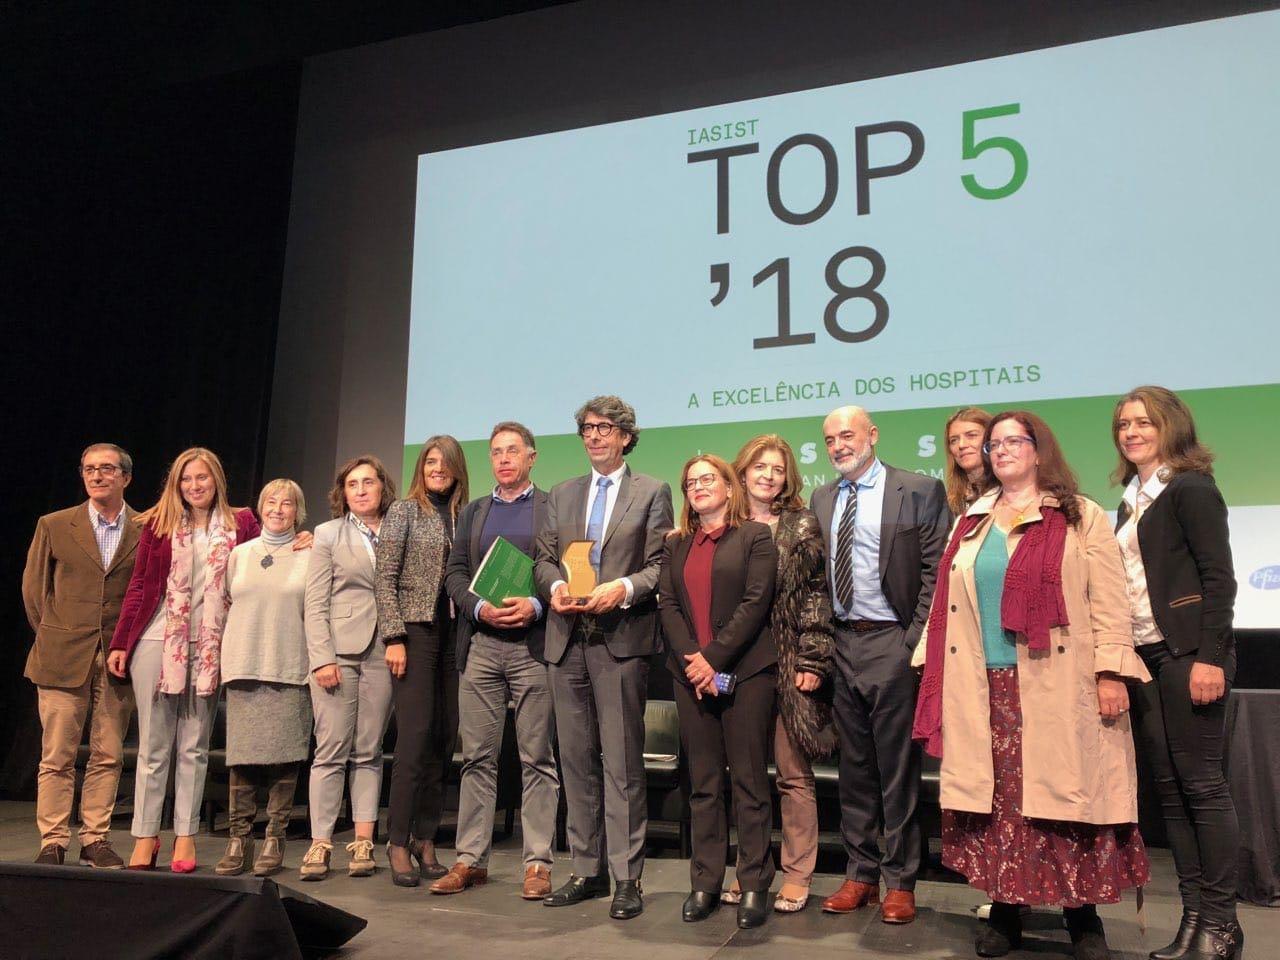 """ULSAM conquista primeiro lugar em prémio """"Top-2018"""": A excelência dos Hospitais"""""""